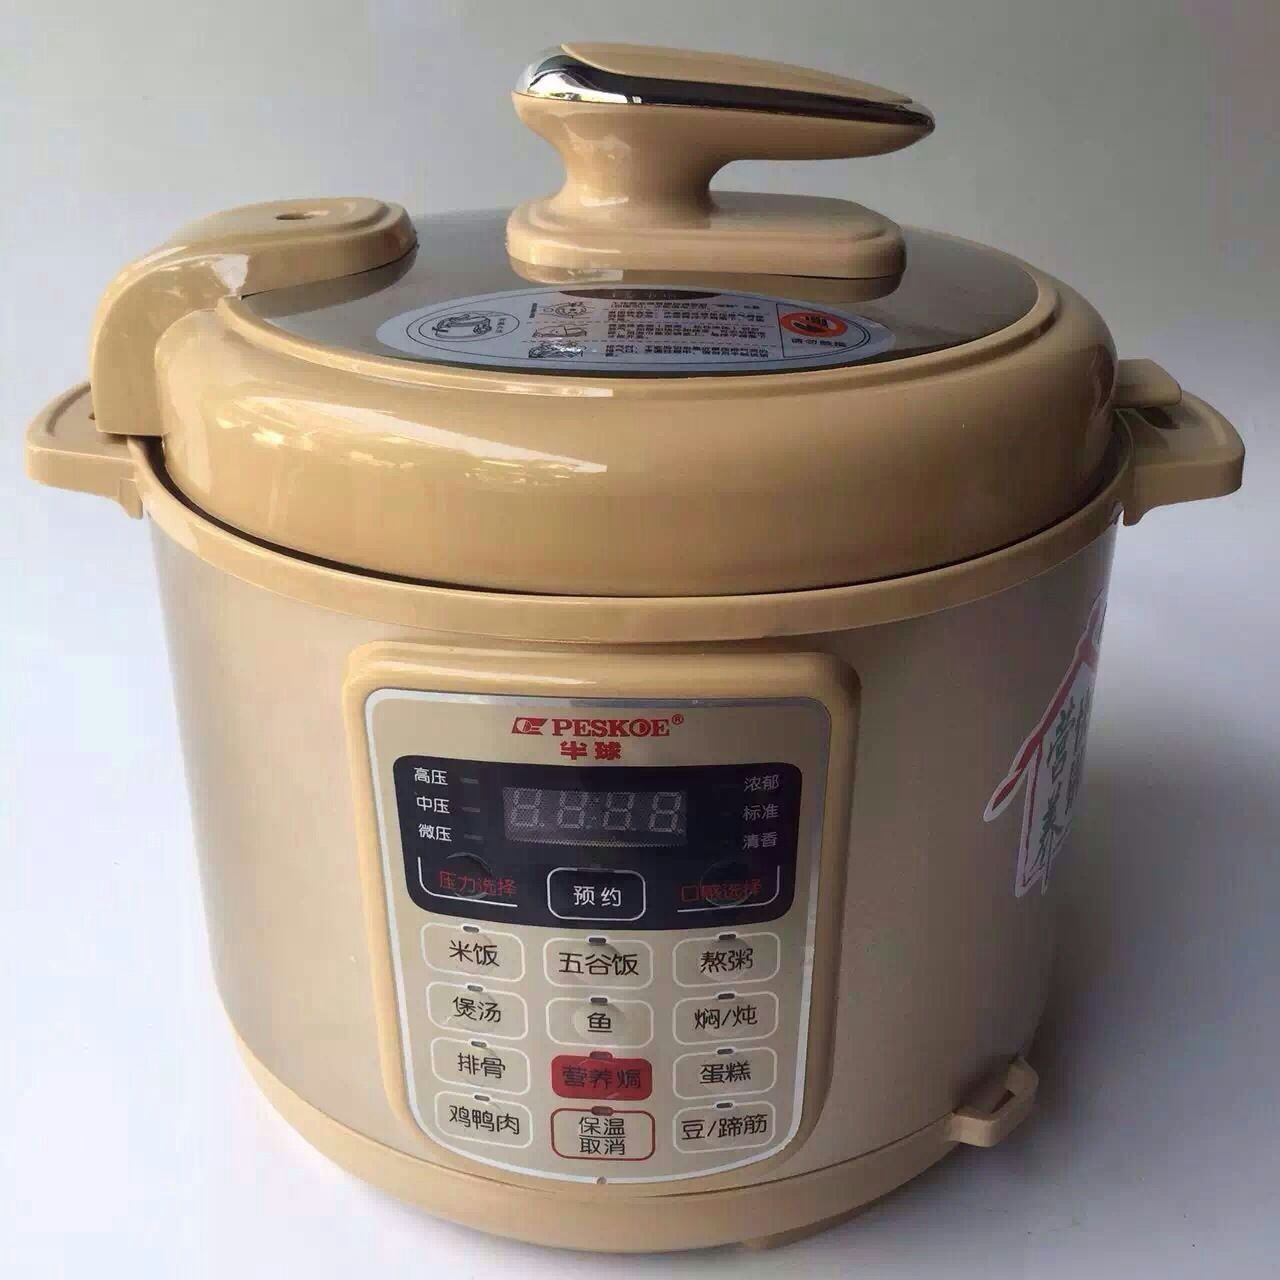 半球电压力锅图片|半球电压力锅样板图|半球电压力锅